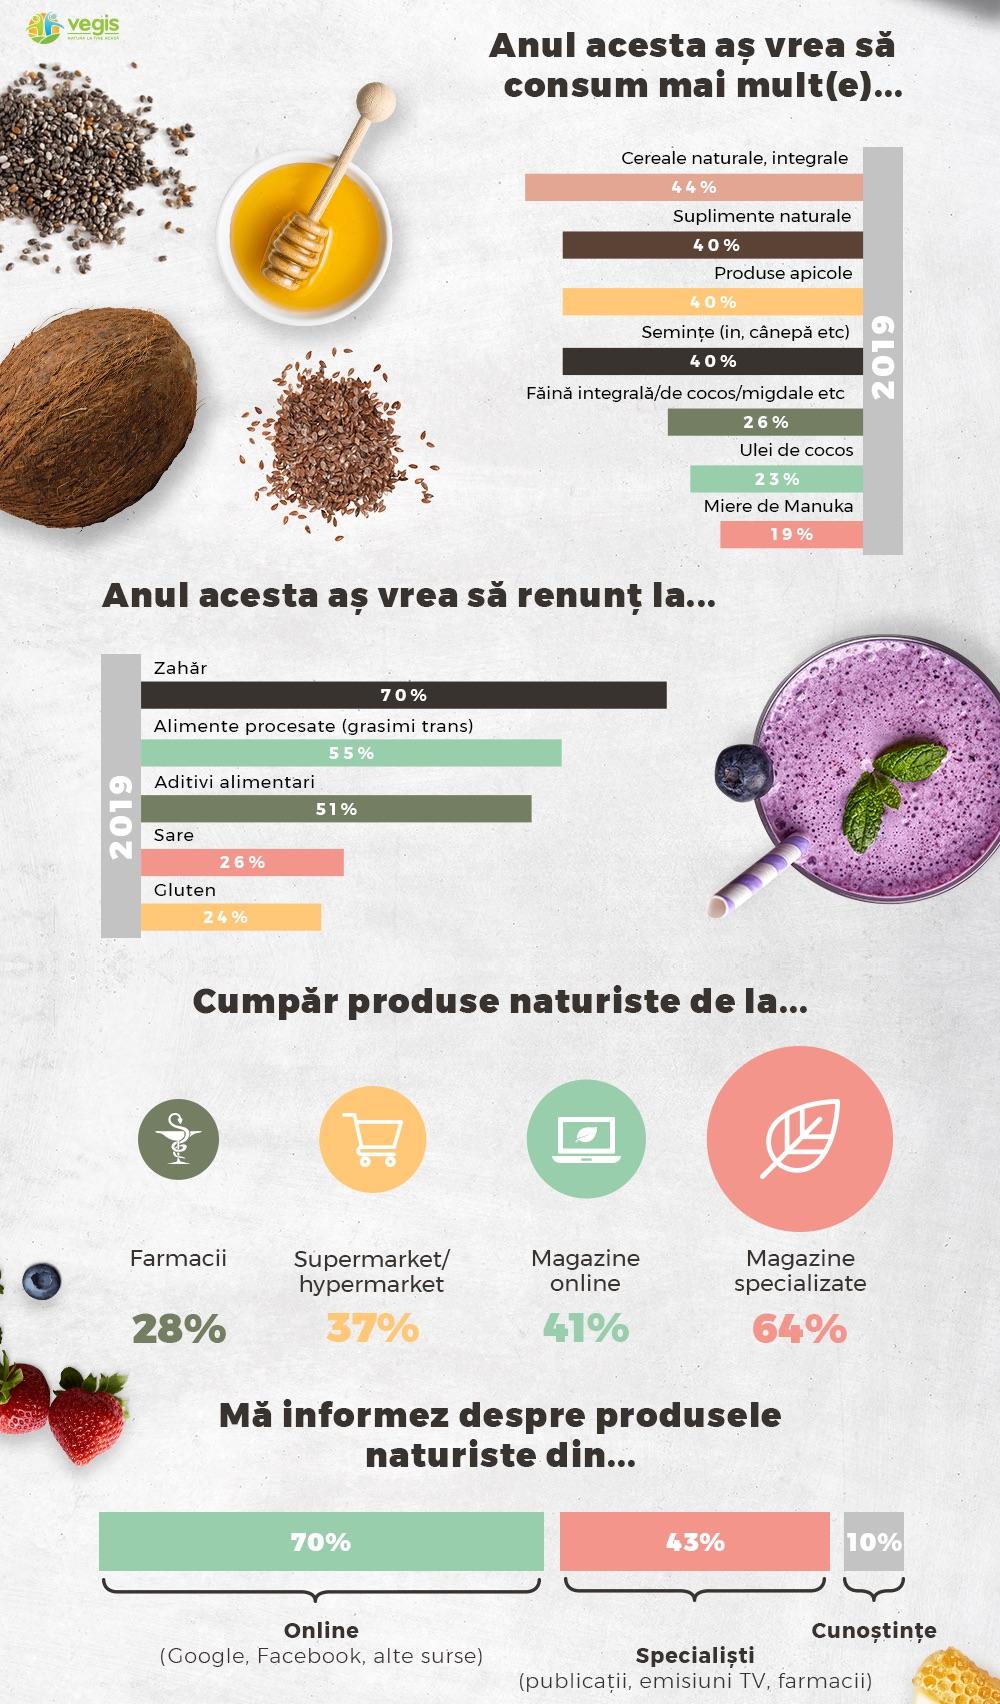 infografic vegis